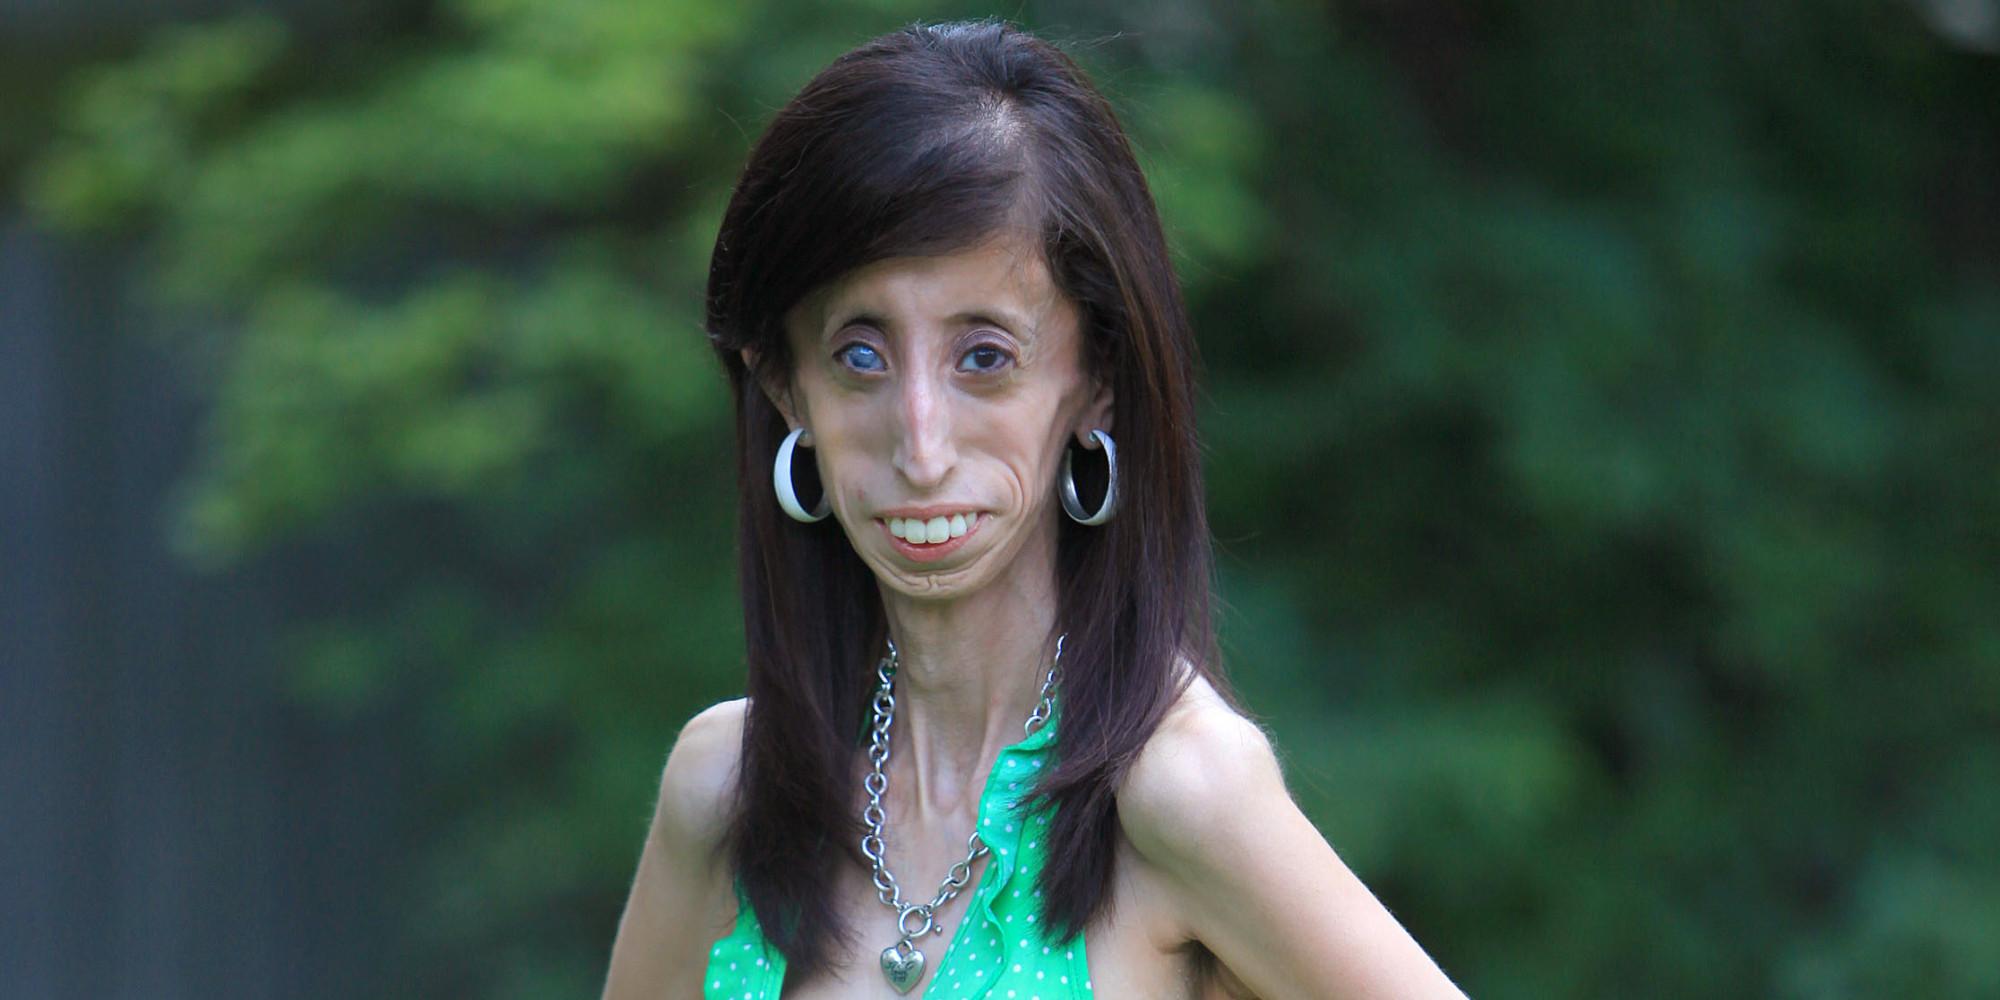 Hässlichste Frau Der Welt